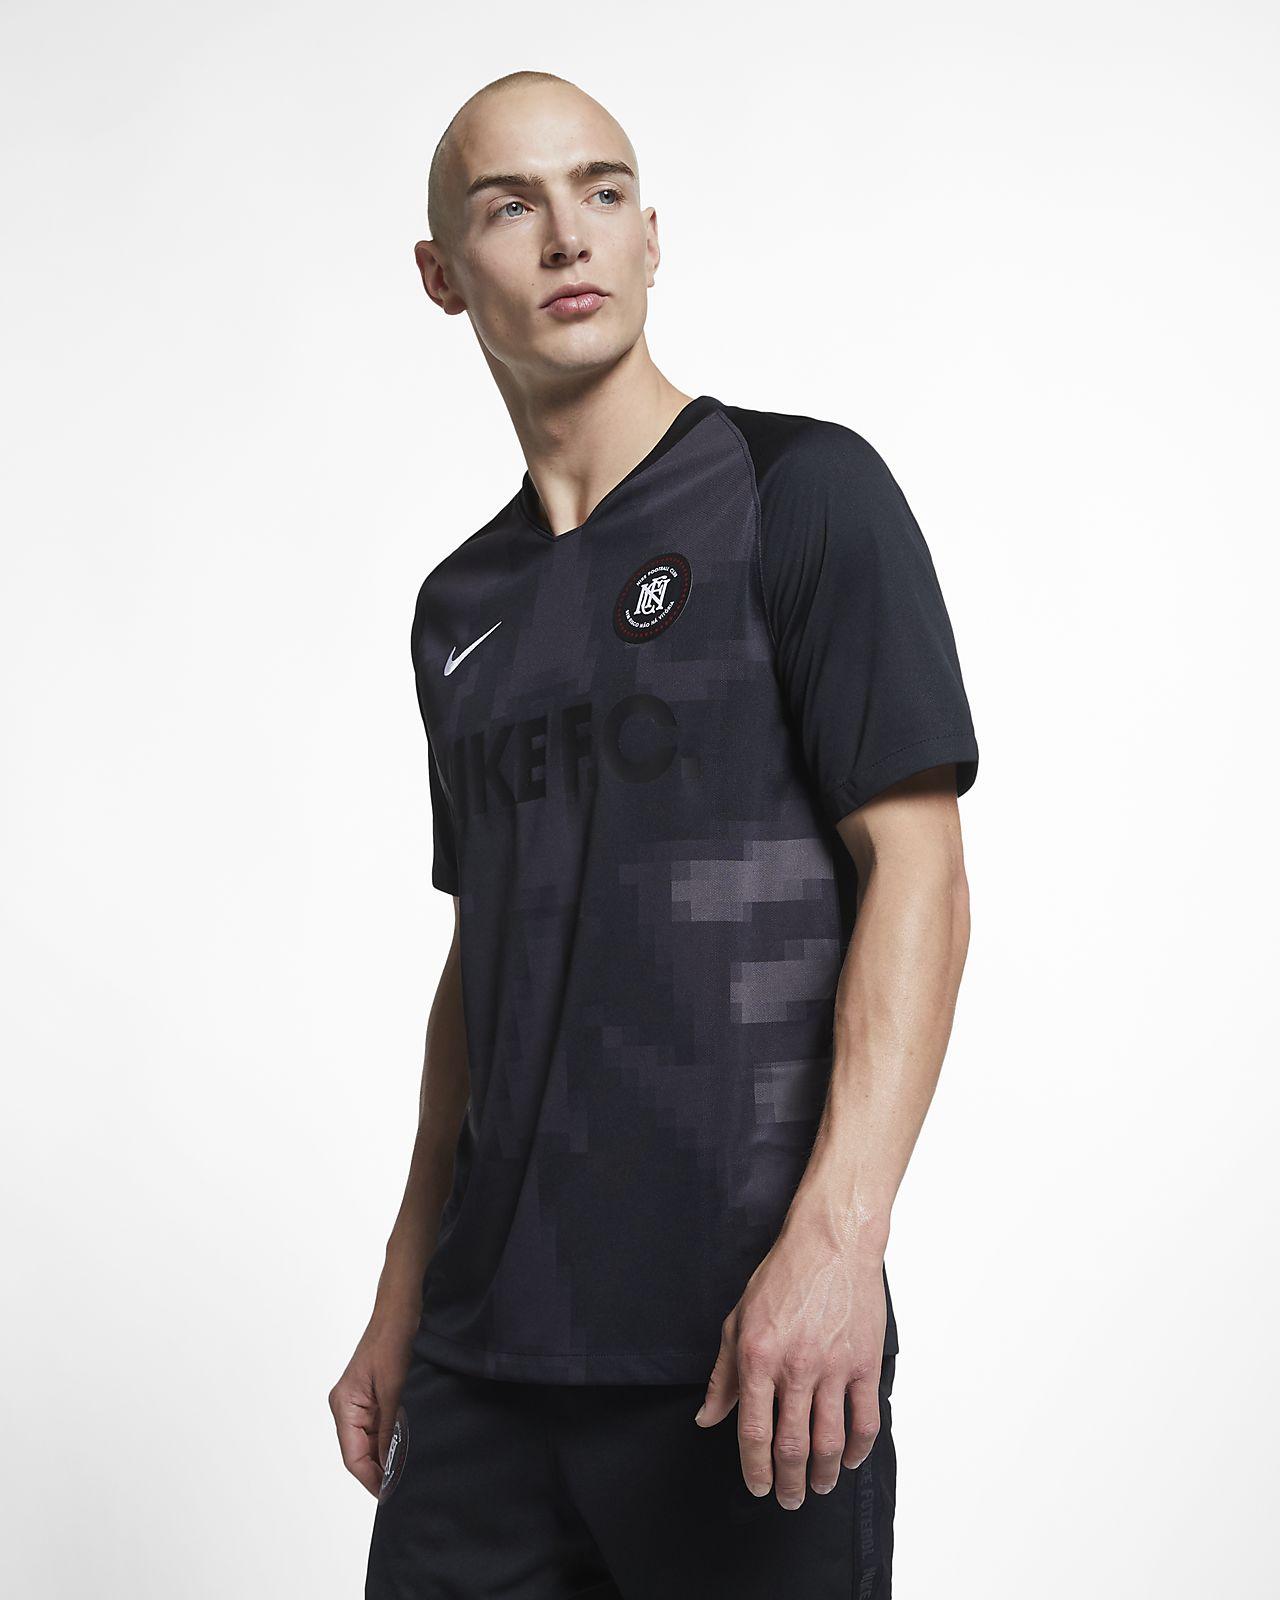 Pánský fotbalový dres Nike F.C.